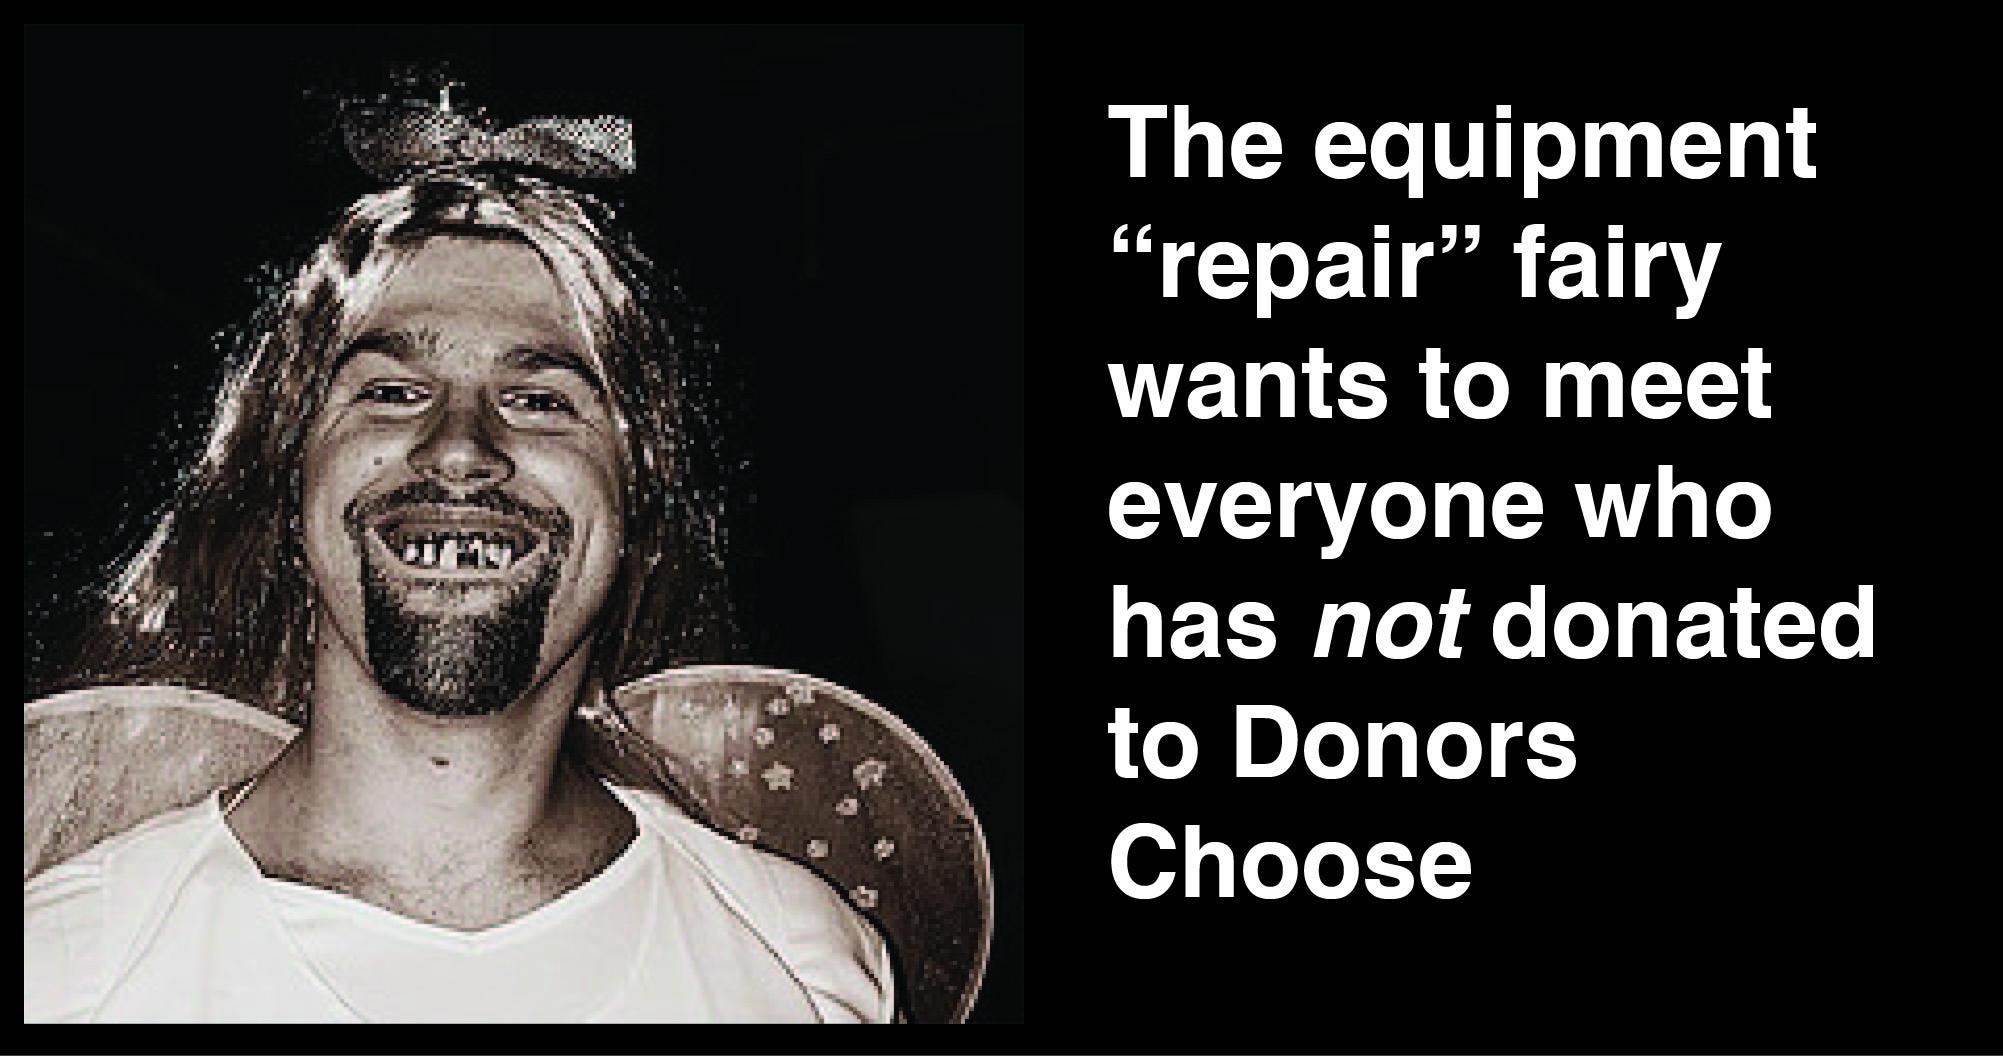 Repair fairy